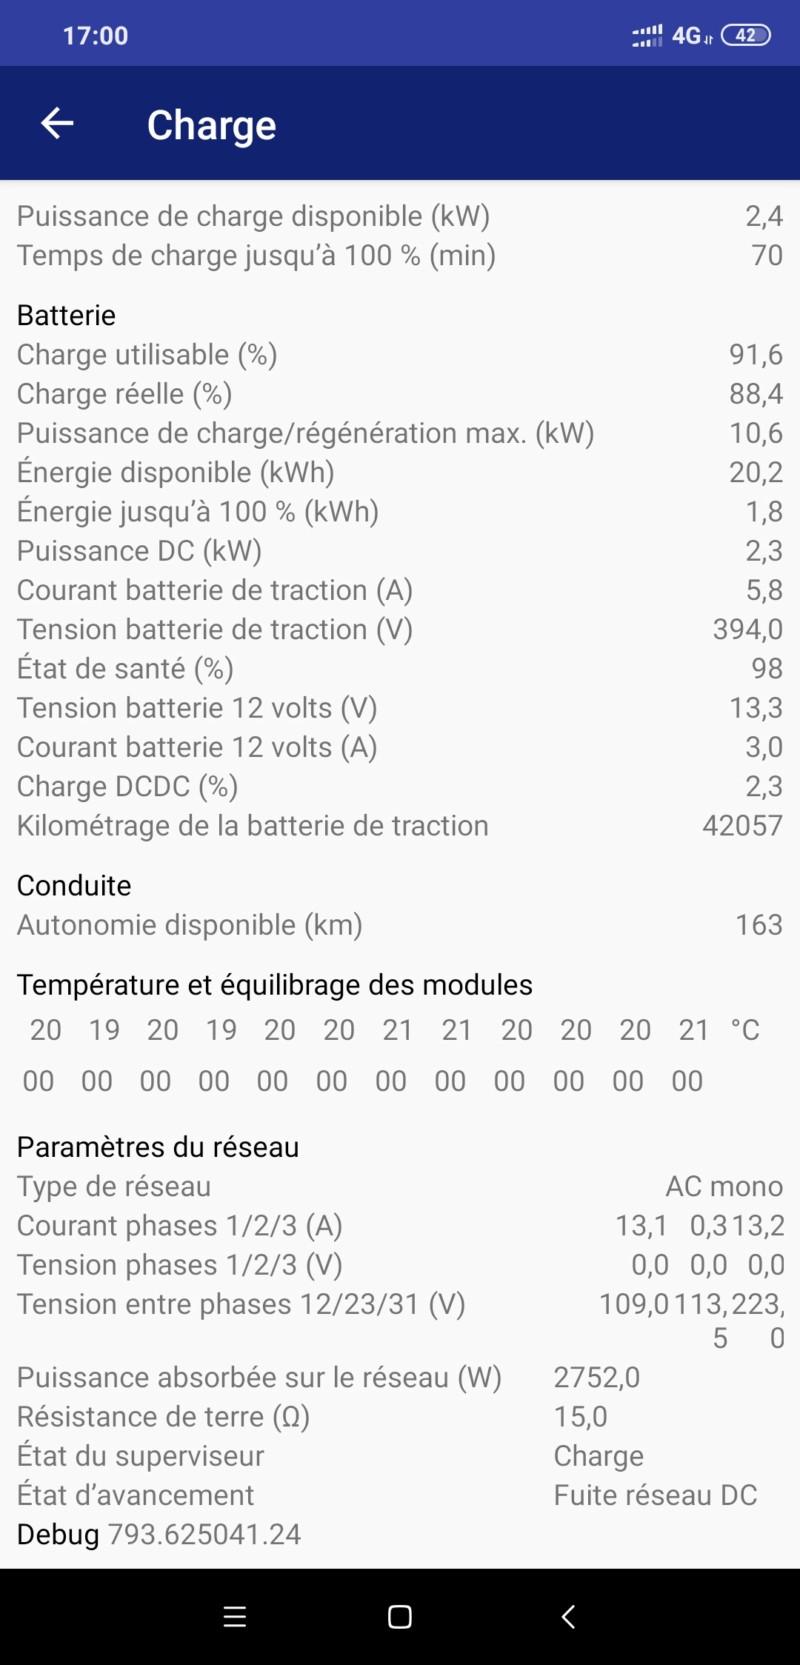 Vitesse charge wallbox Schneider  20190510